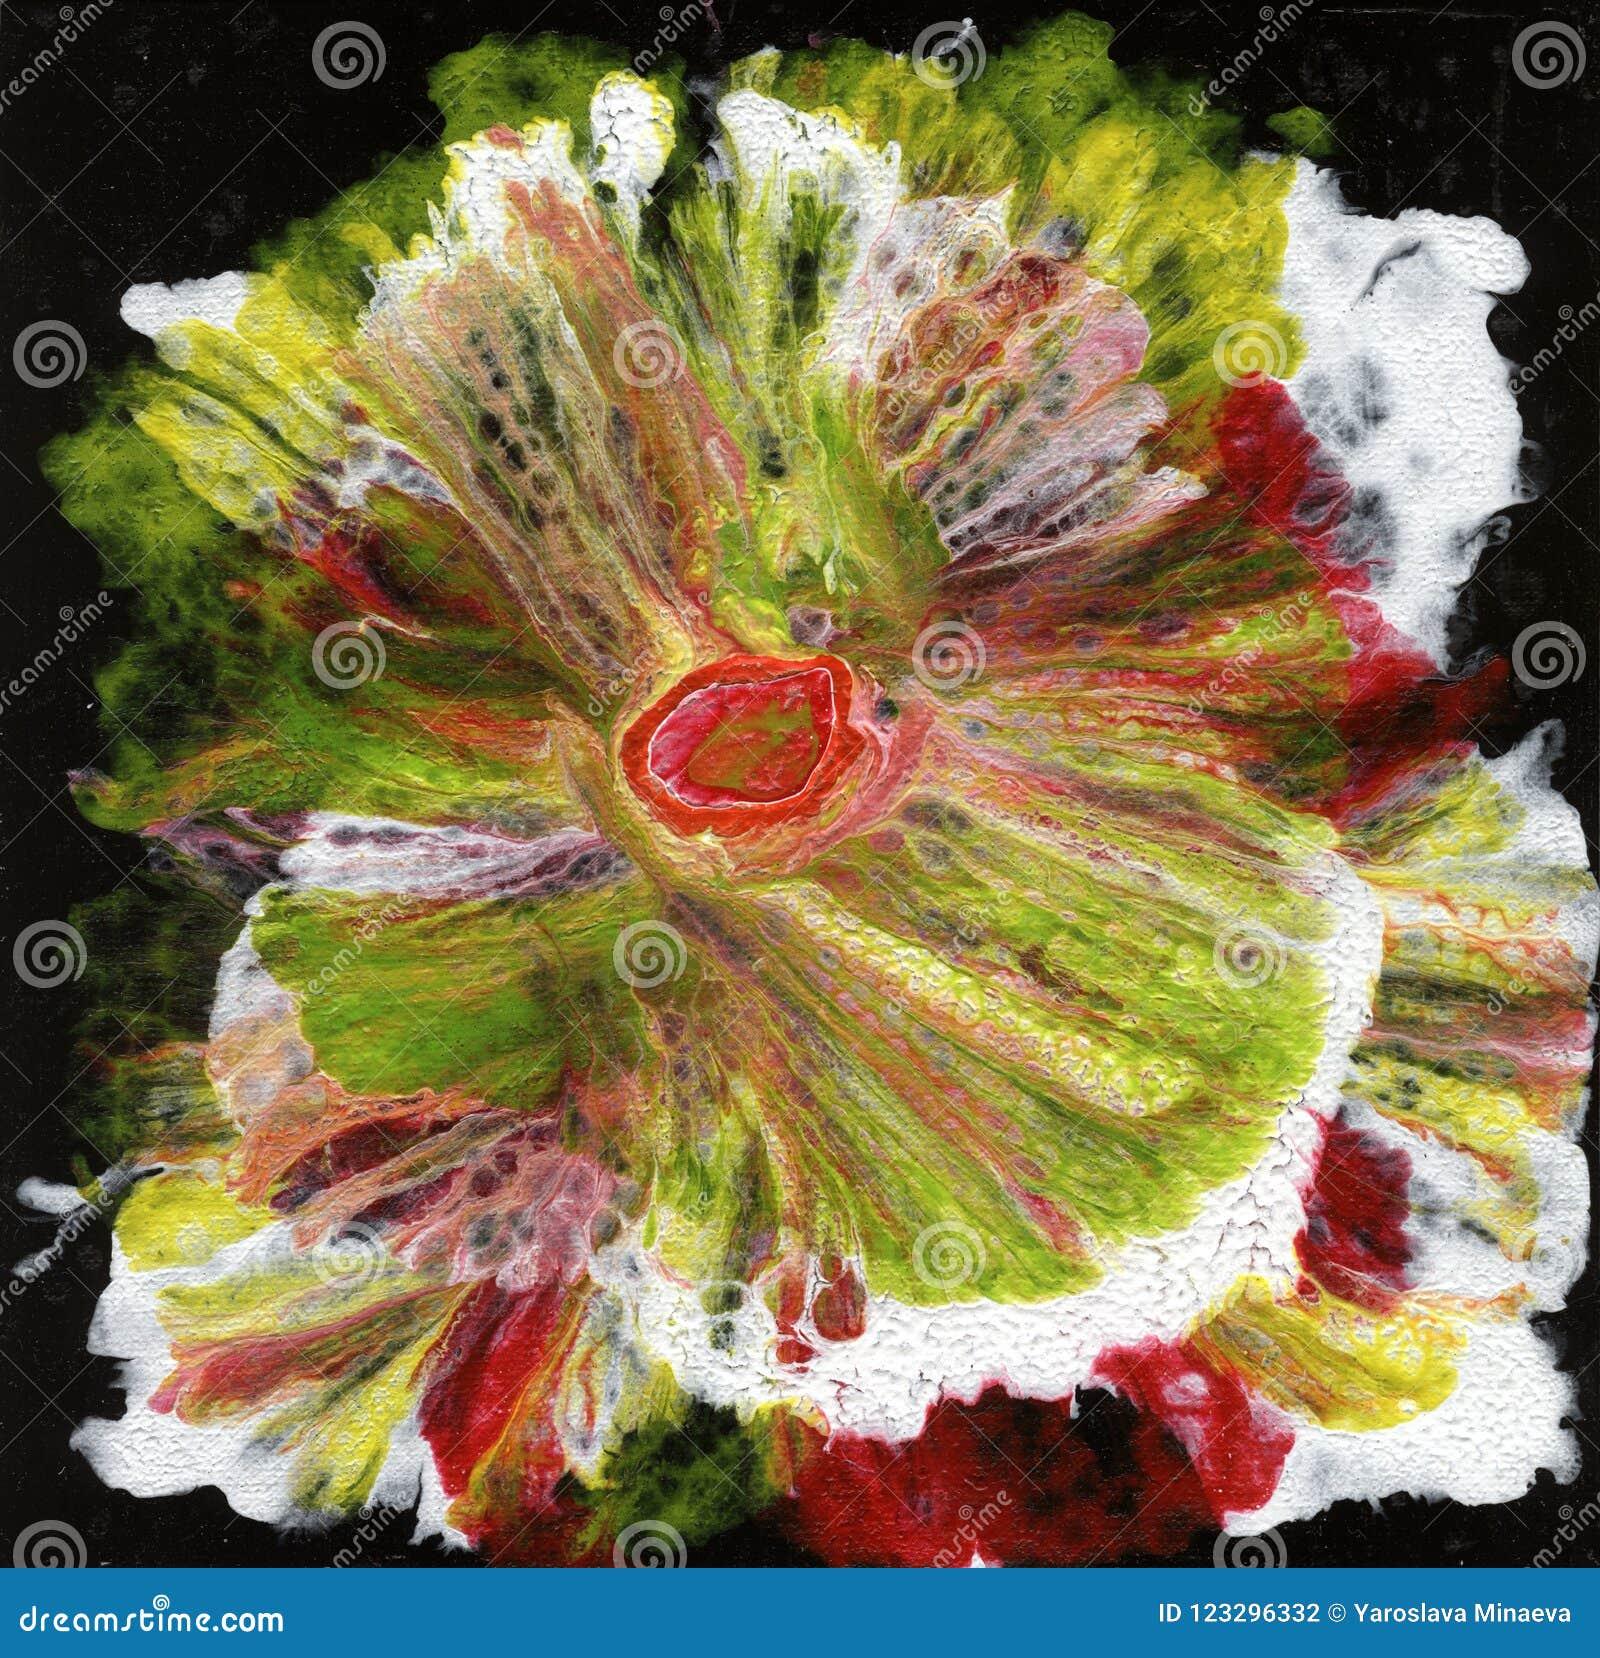 Göra sammandrag konst abstrakt blomma Blomma på en svart bakgrund